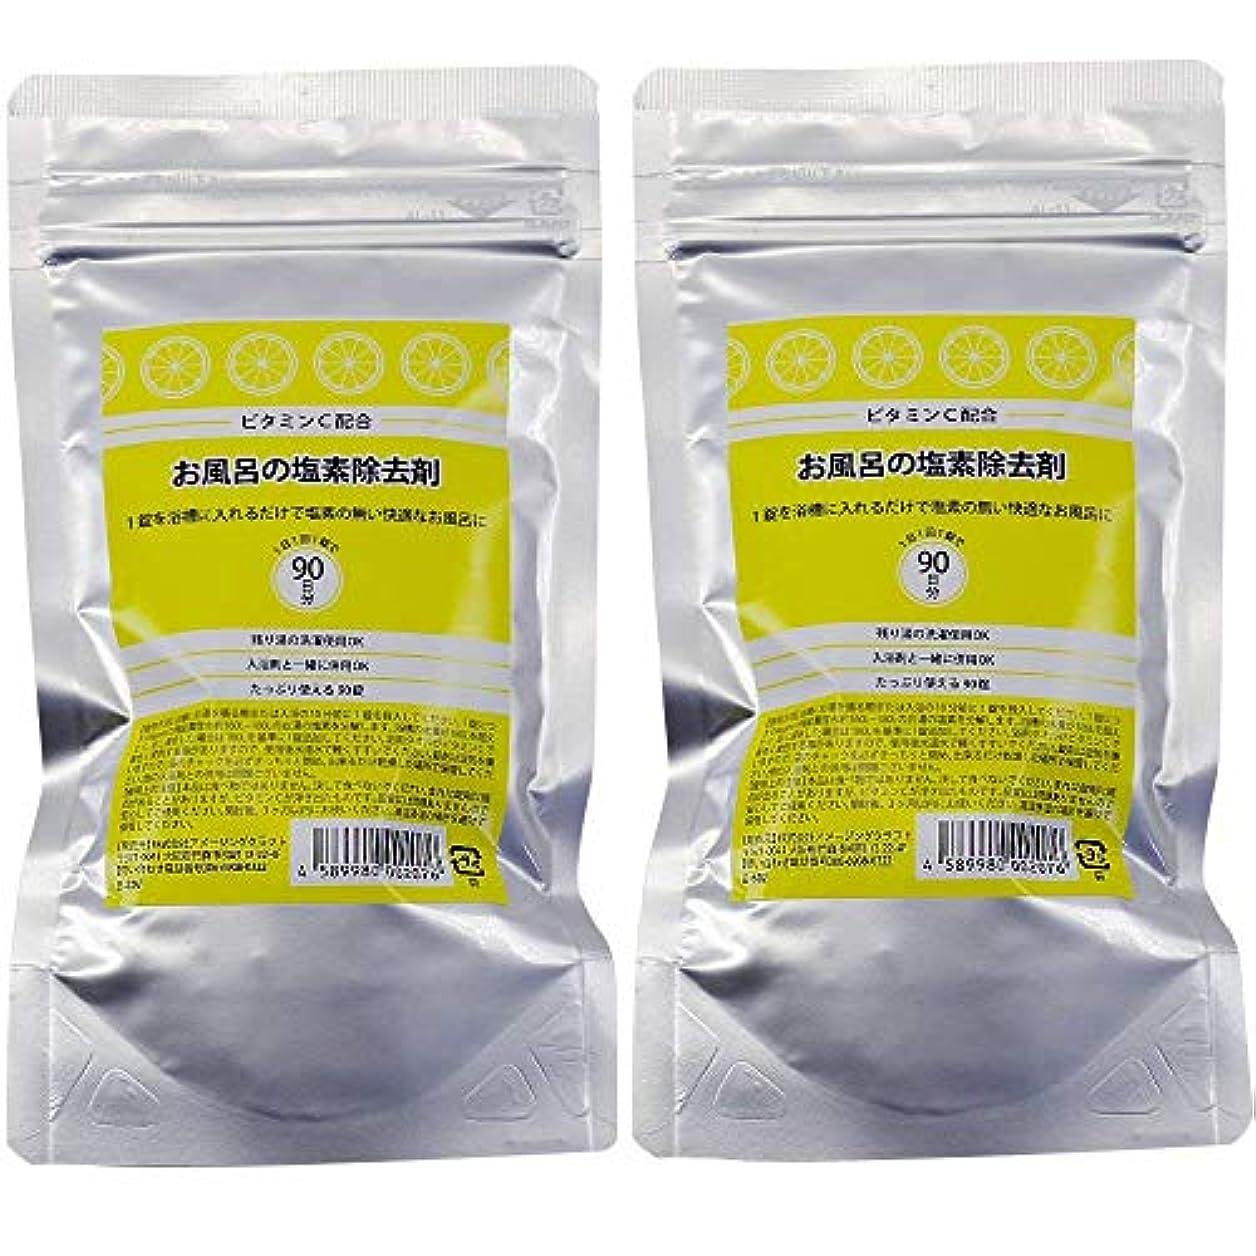 クラスアルファベット薄いビタミンC配合 お風呂の塩素除去剤 錠剤タイプ 90錠 2個セット 浴槽用脱塩素剤